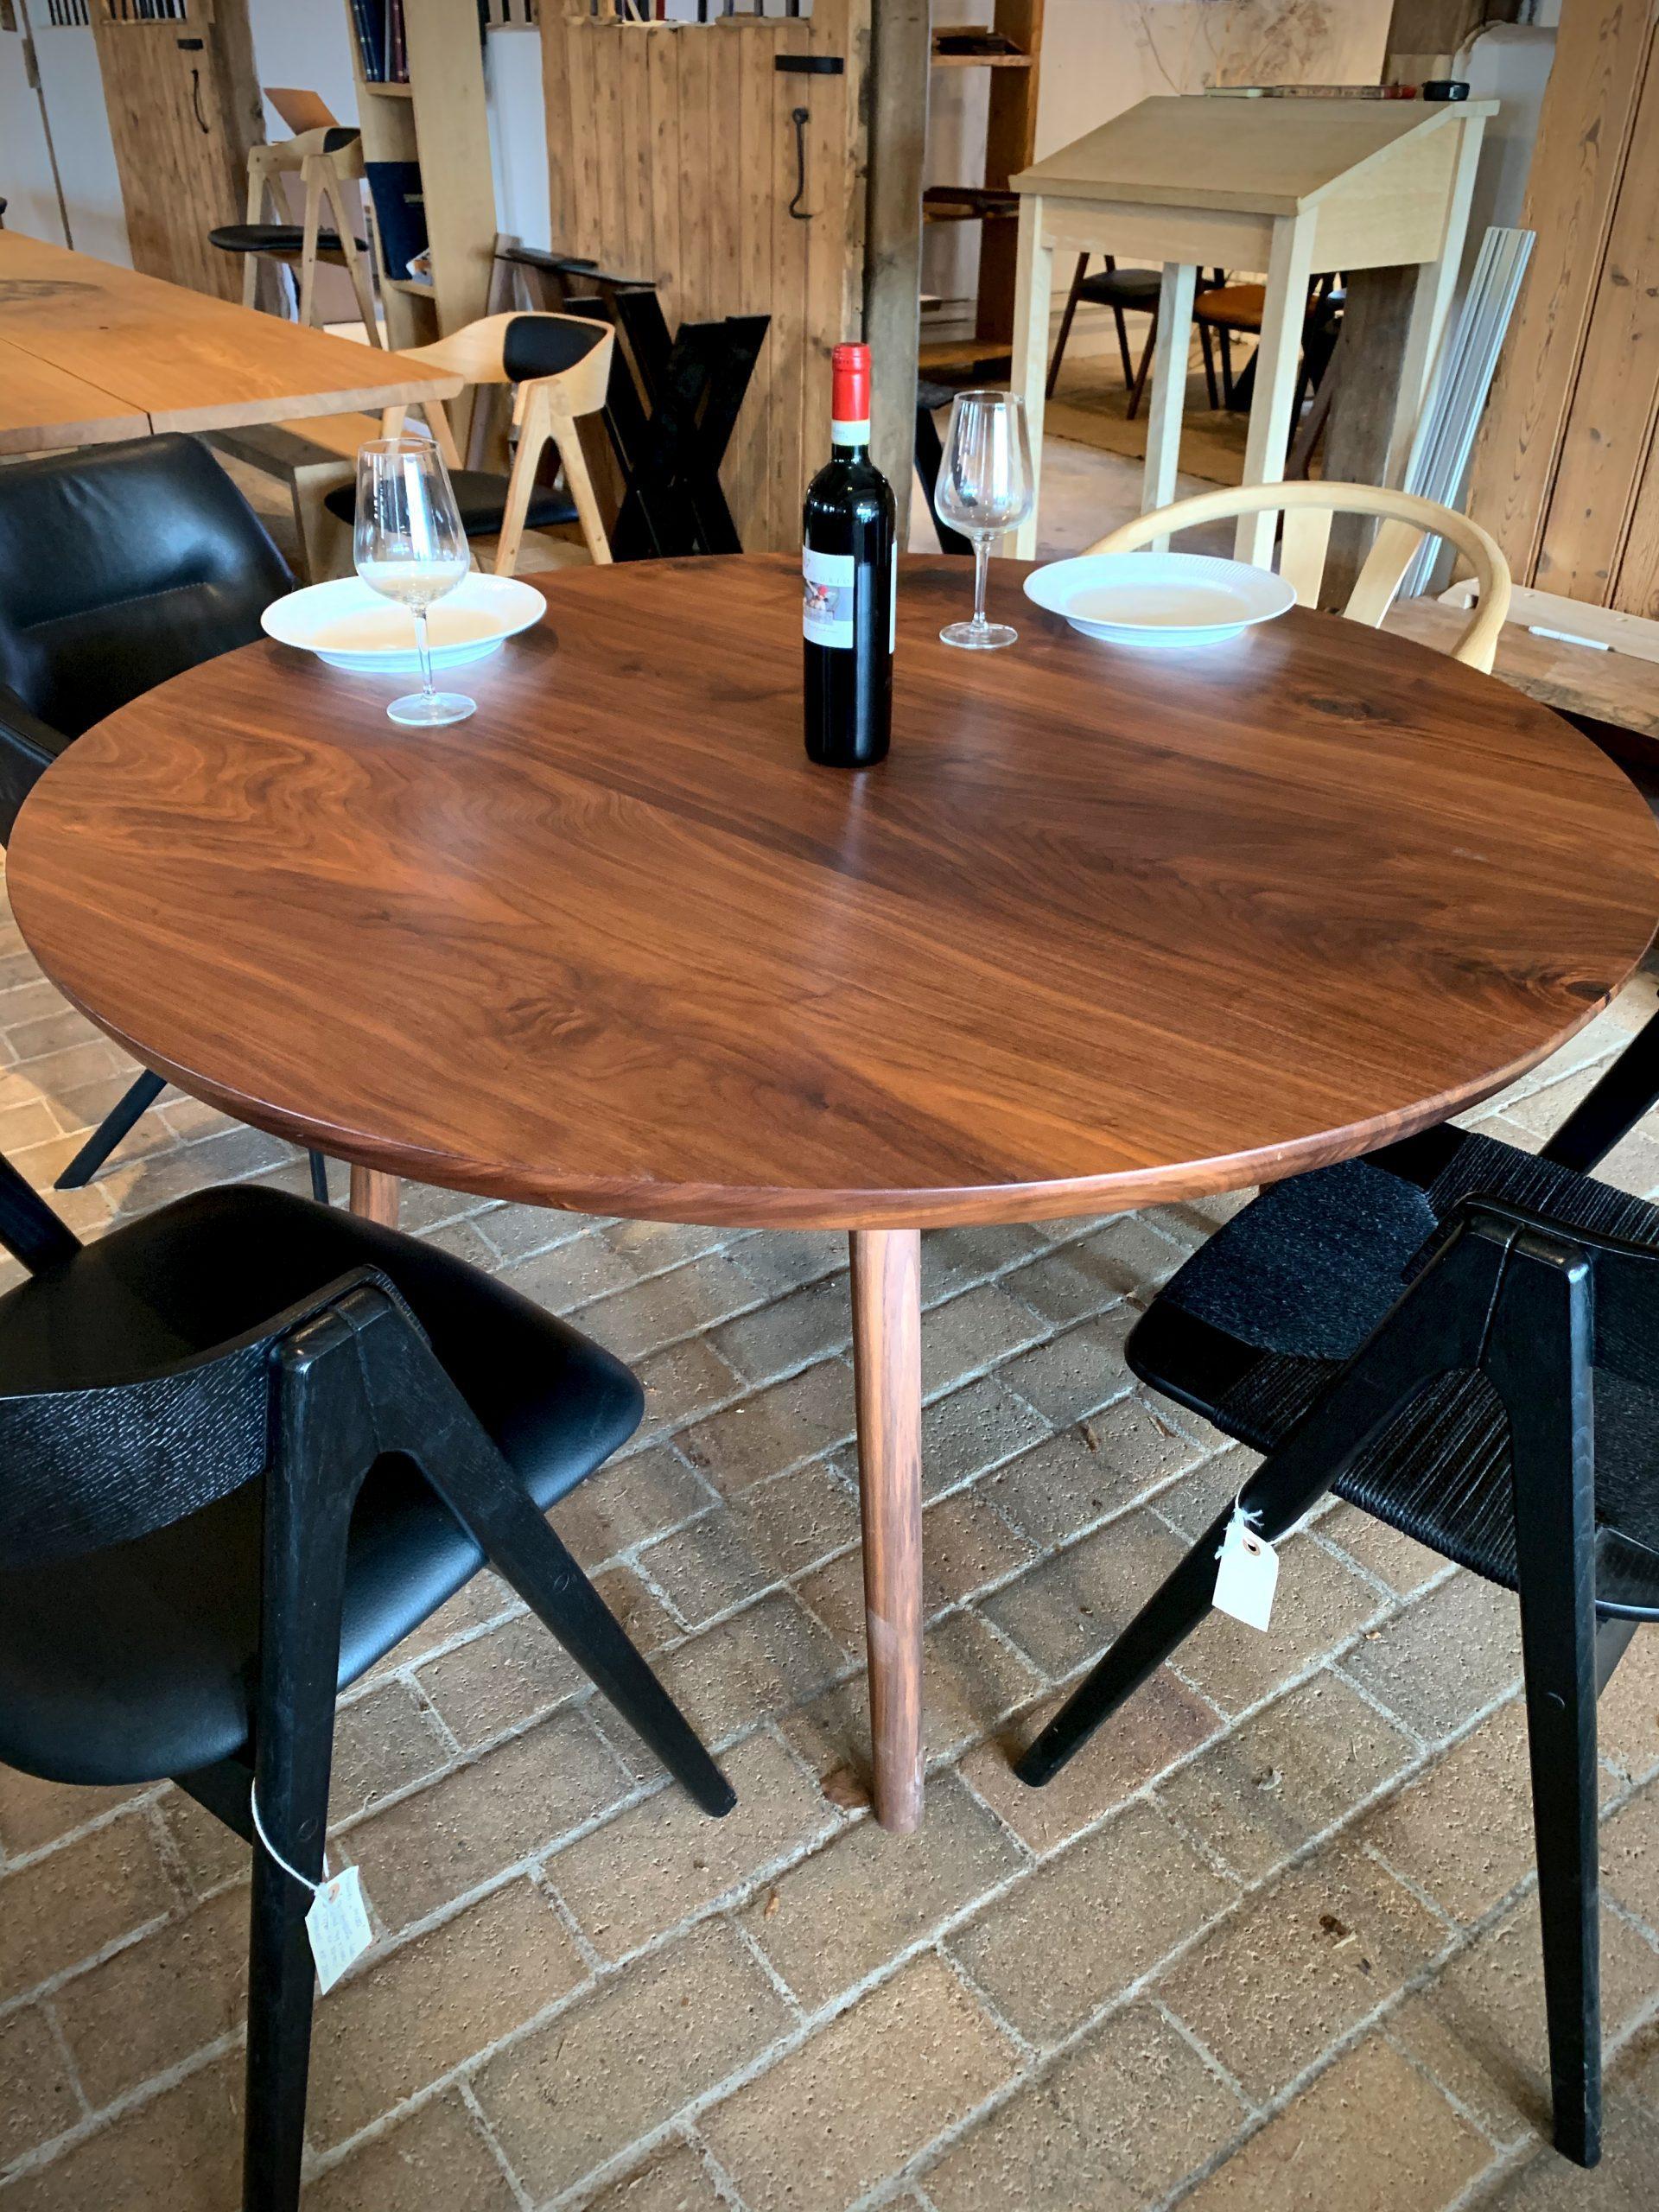 Rundt plankebord i valnoed 2021 kaerbygaard 2021 med udtryk og 2 tillaegsplader inkl mette spisebordsstole 1 scaled